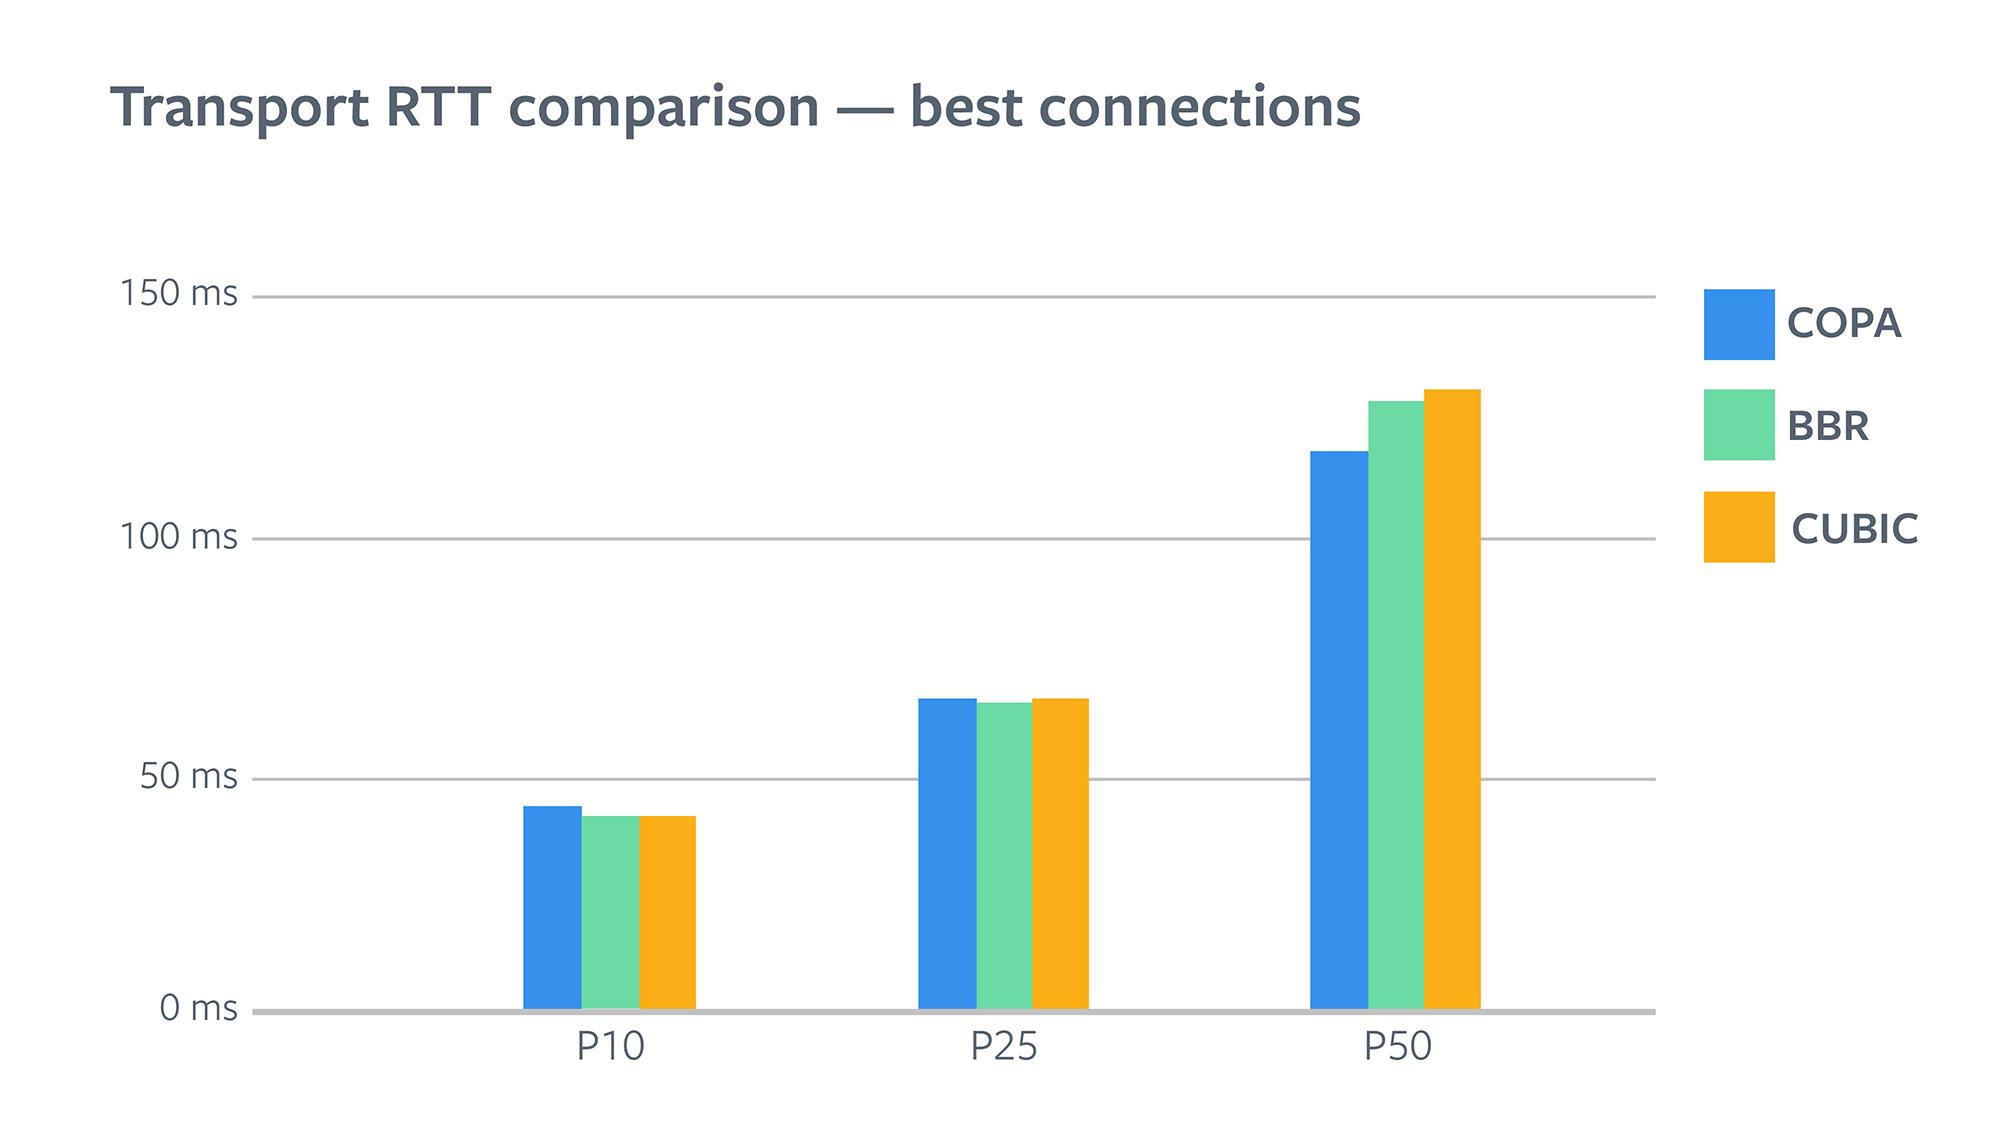 Transport RTT comparison - best connections